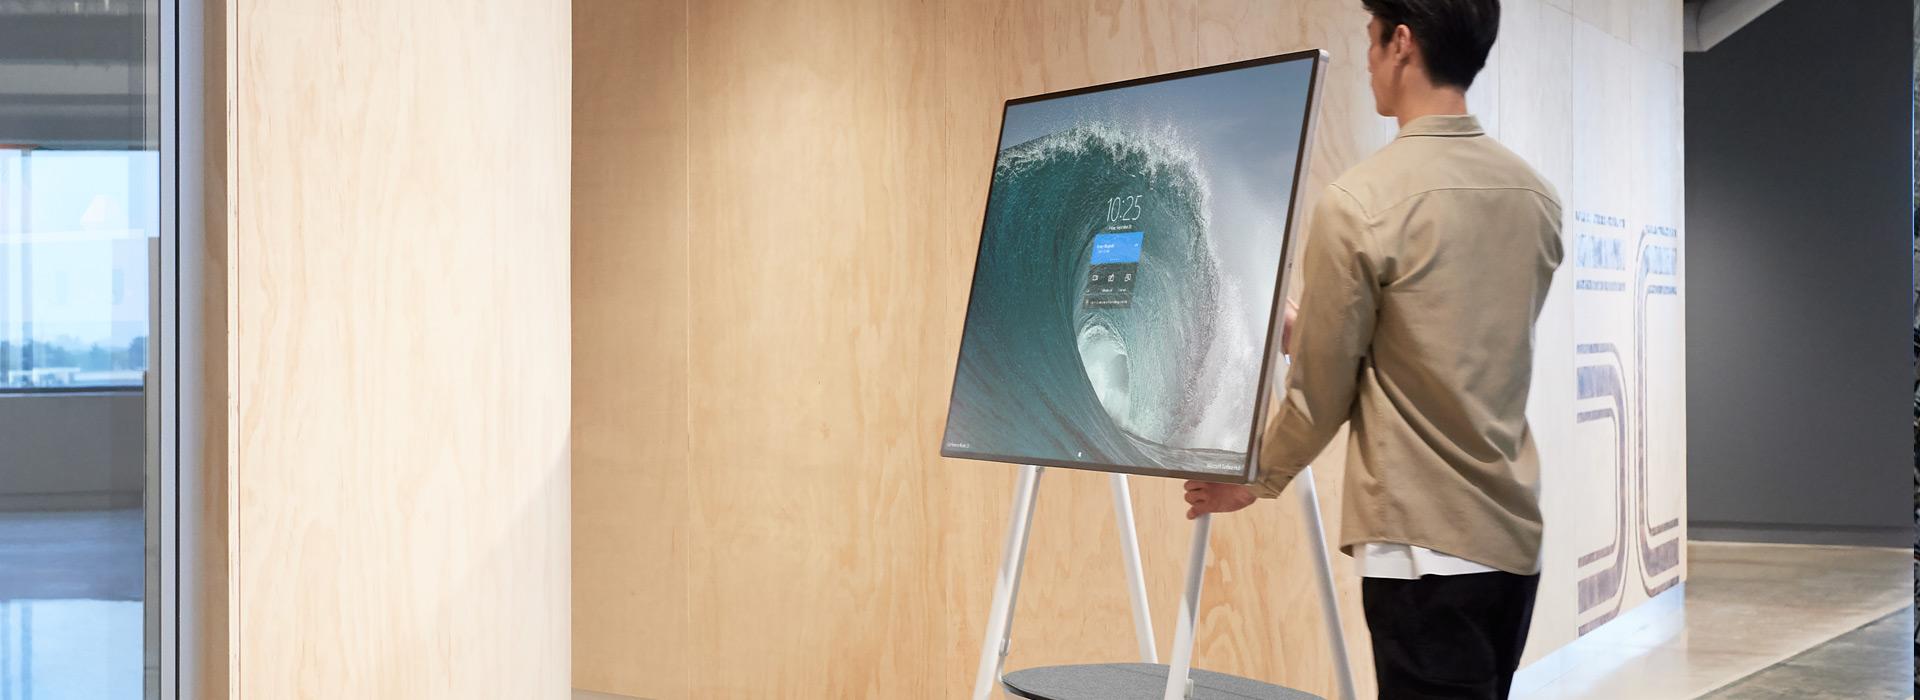 Muž přepravující zařízení Surface Hub 2S na mobilním pojízdném stojanu